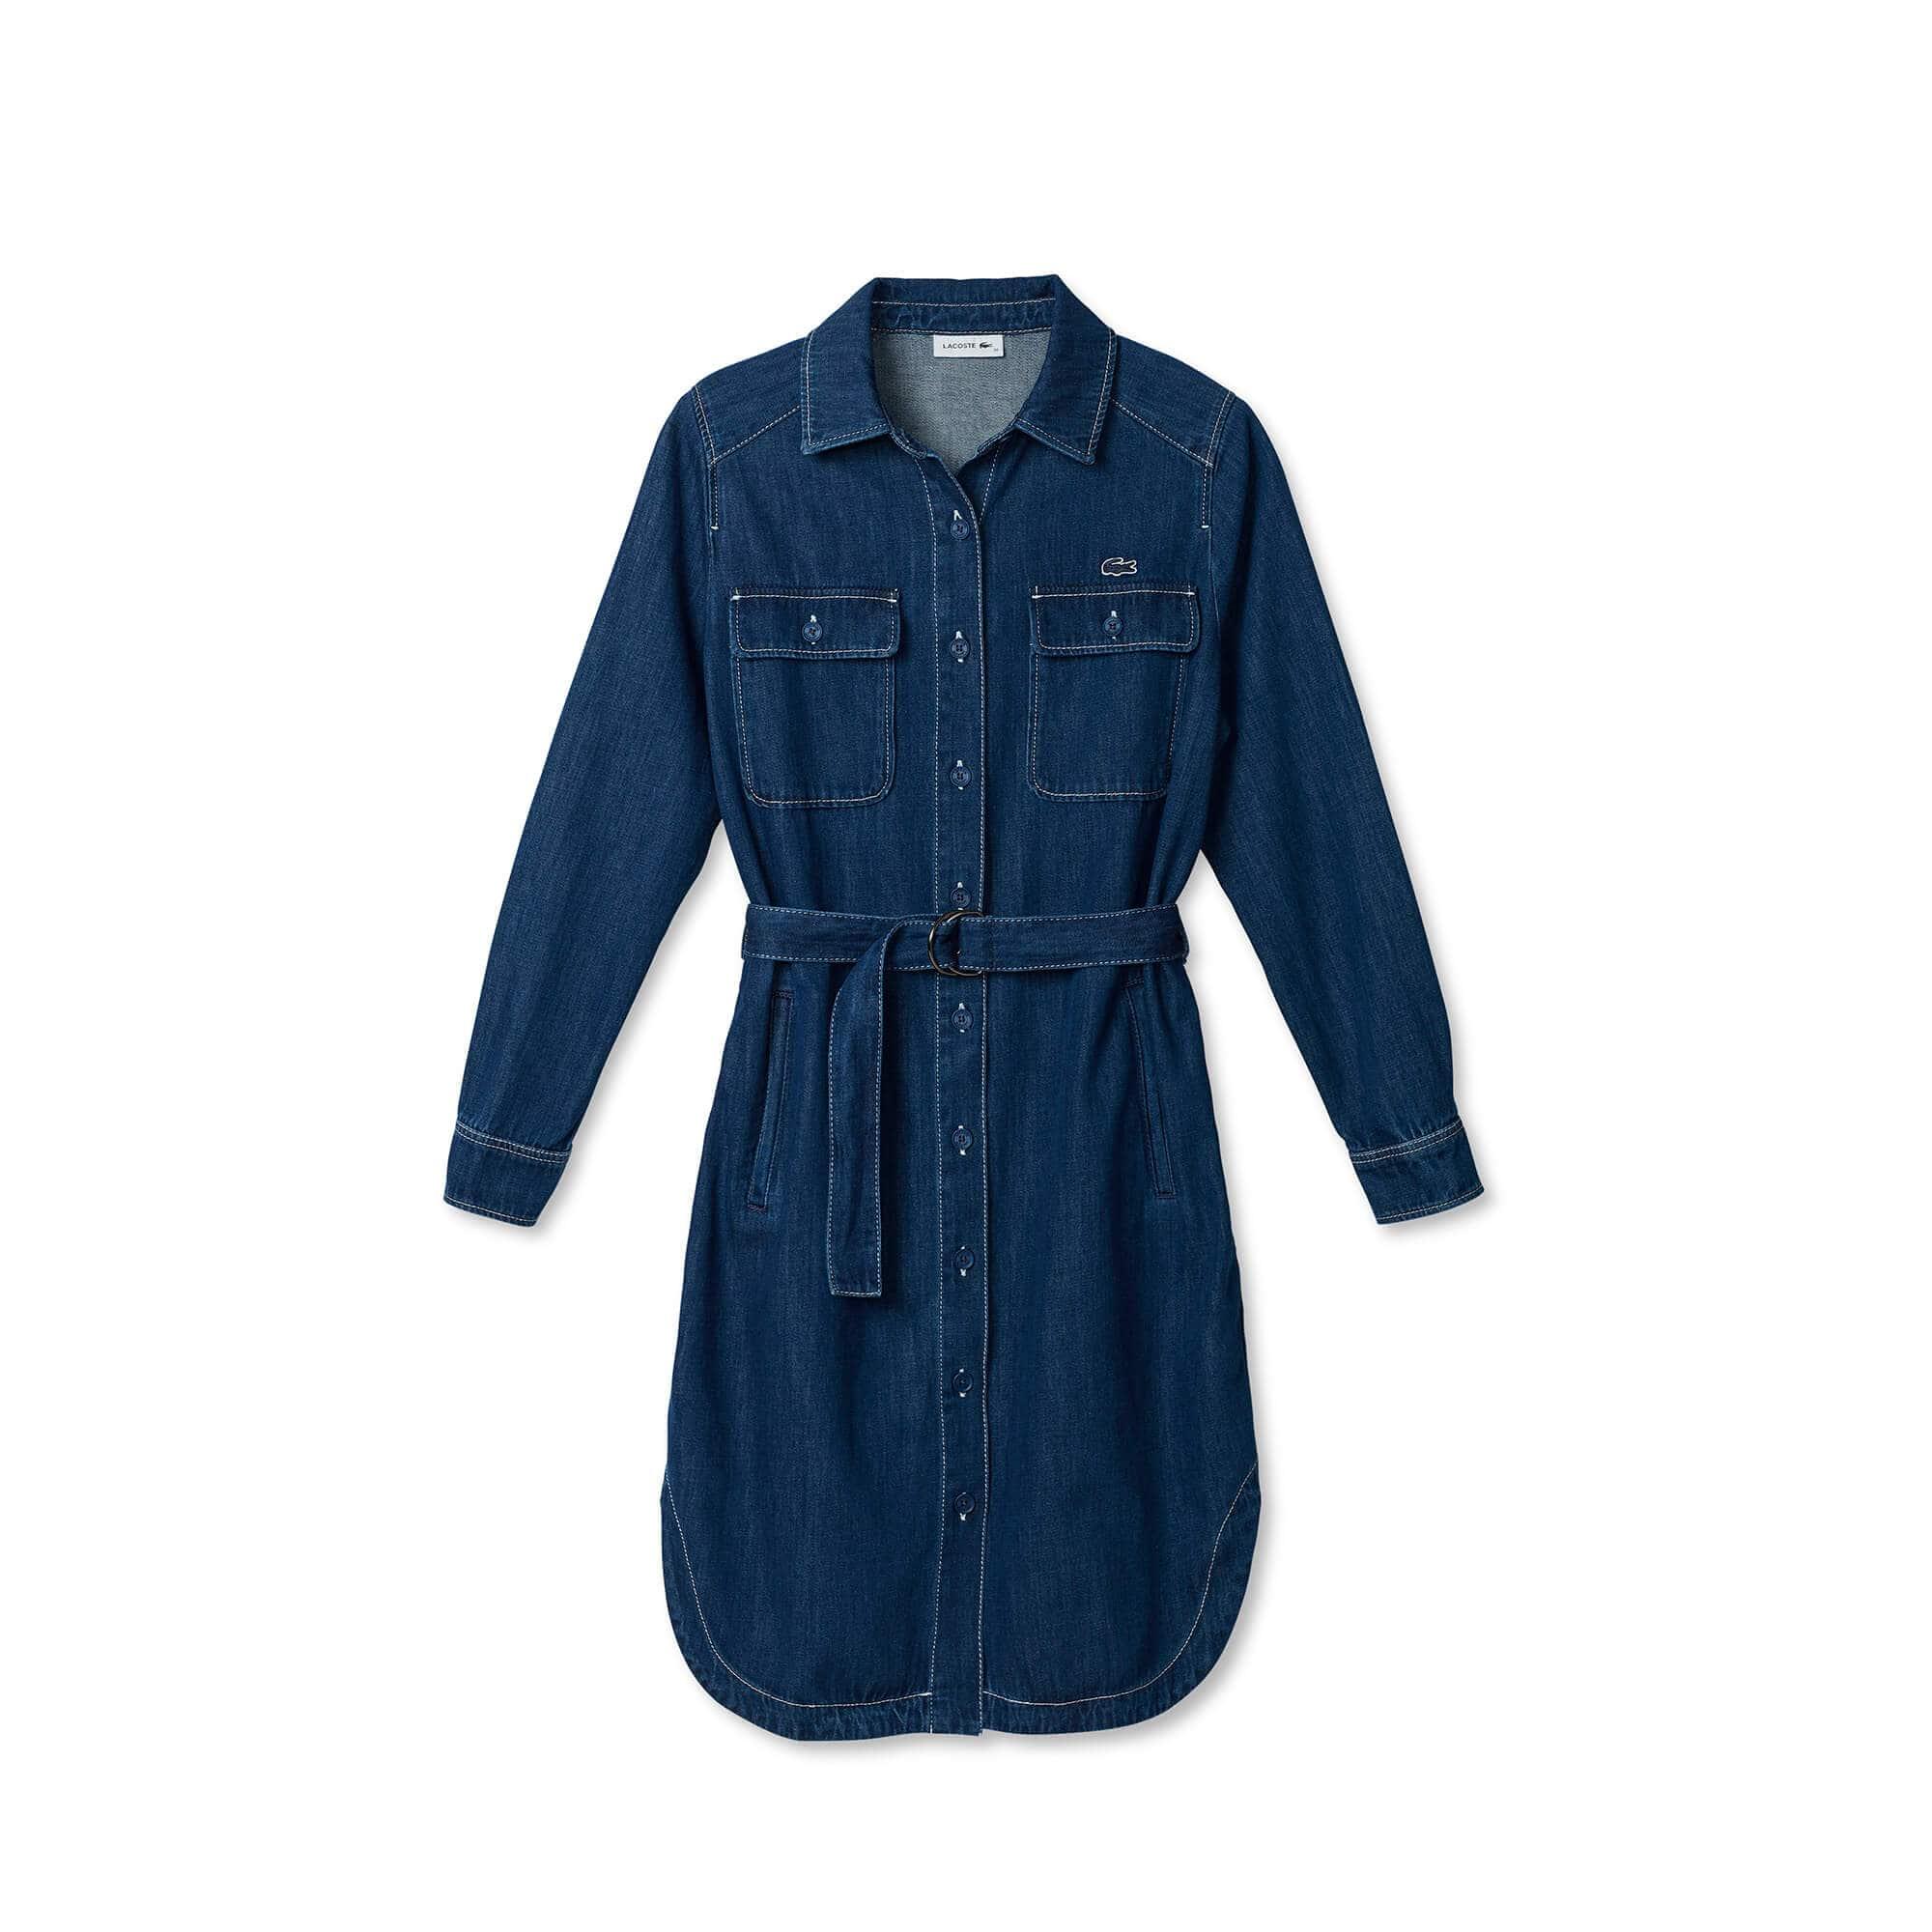 63b605e48c4af Vestido feminino jeans com cinto